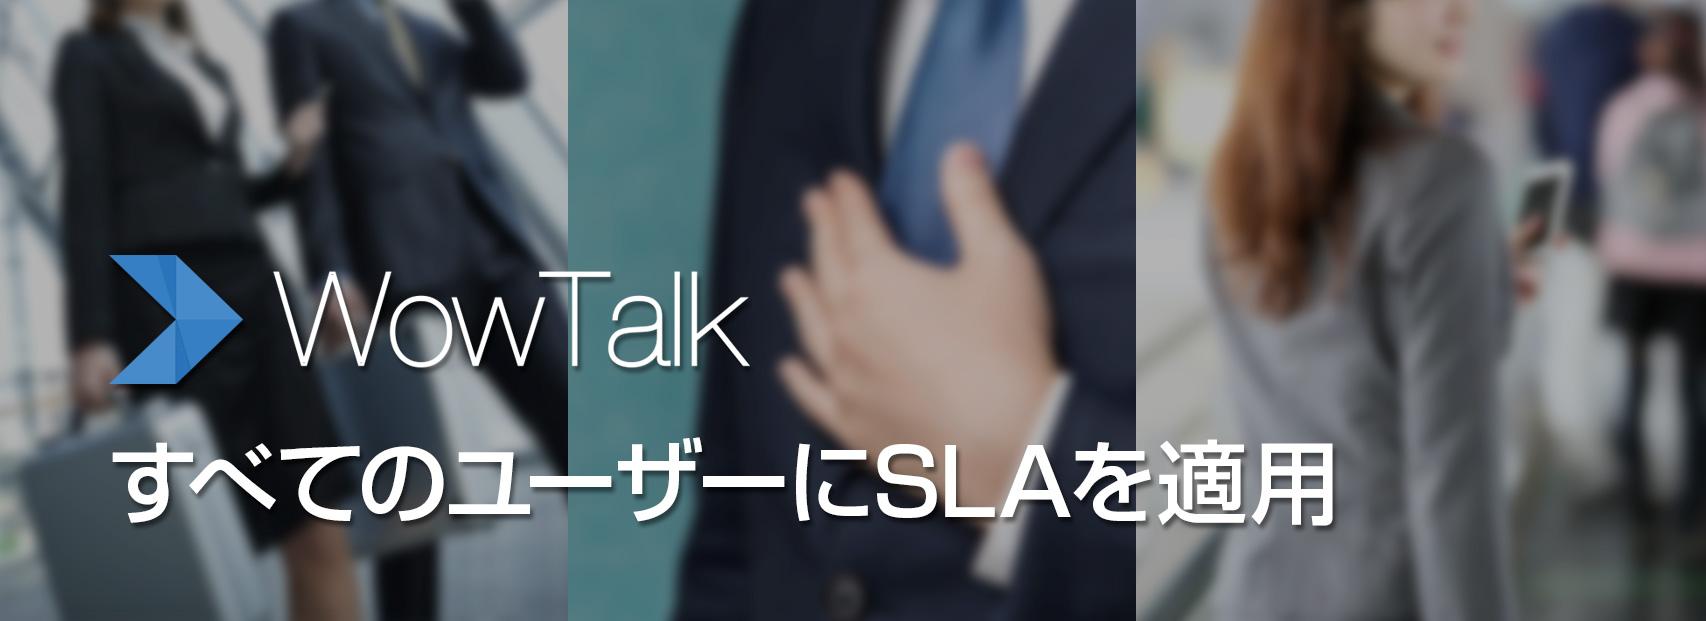 ビジネスチャット「WowTalk」、すべてのユーザーにSLA(サービス品質保証)を適用 ~今よりもっと安心してご利用いた